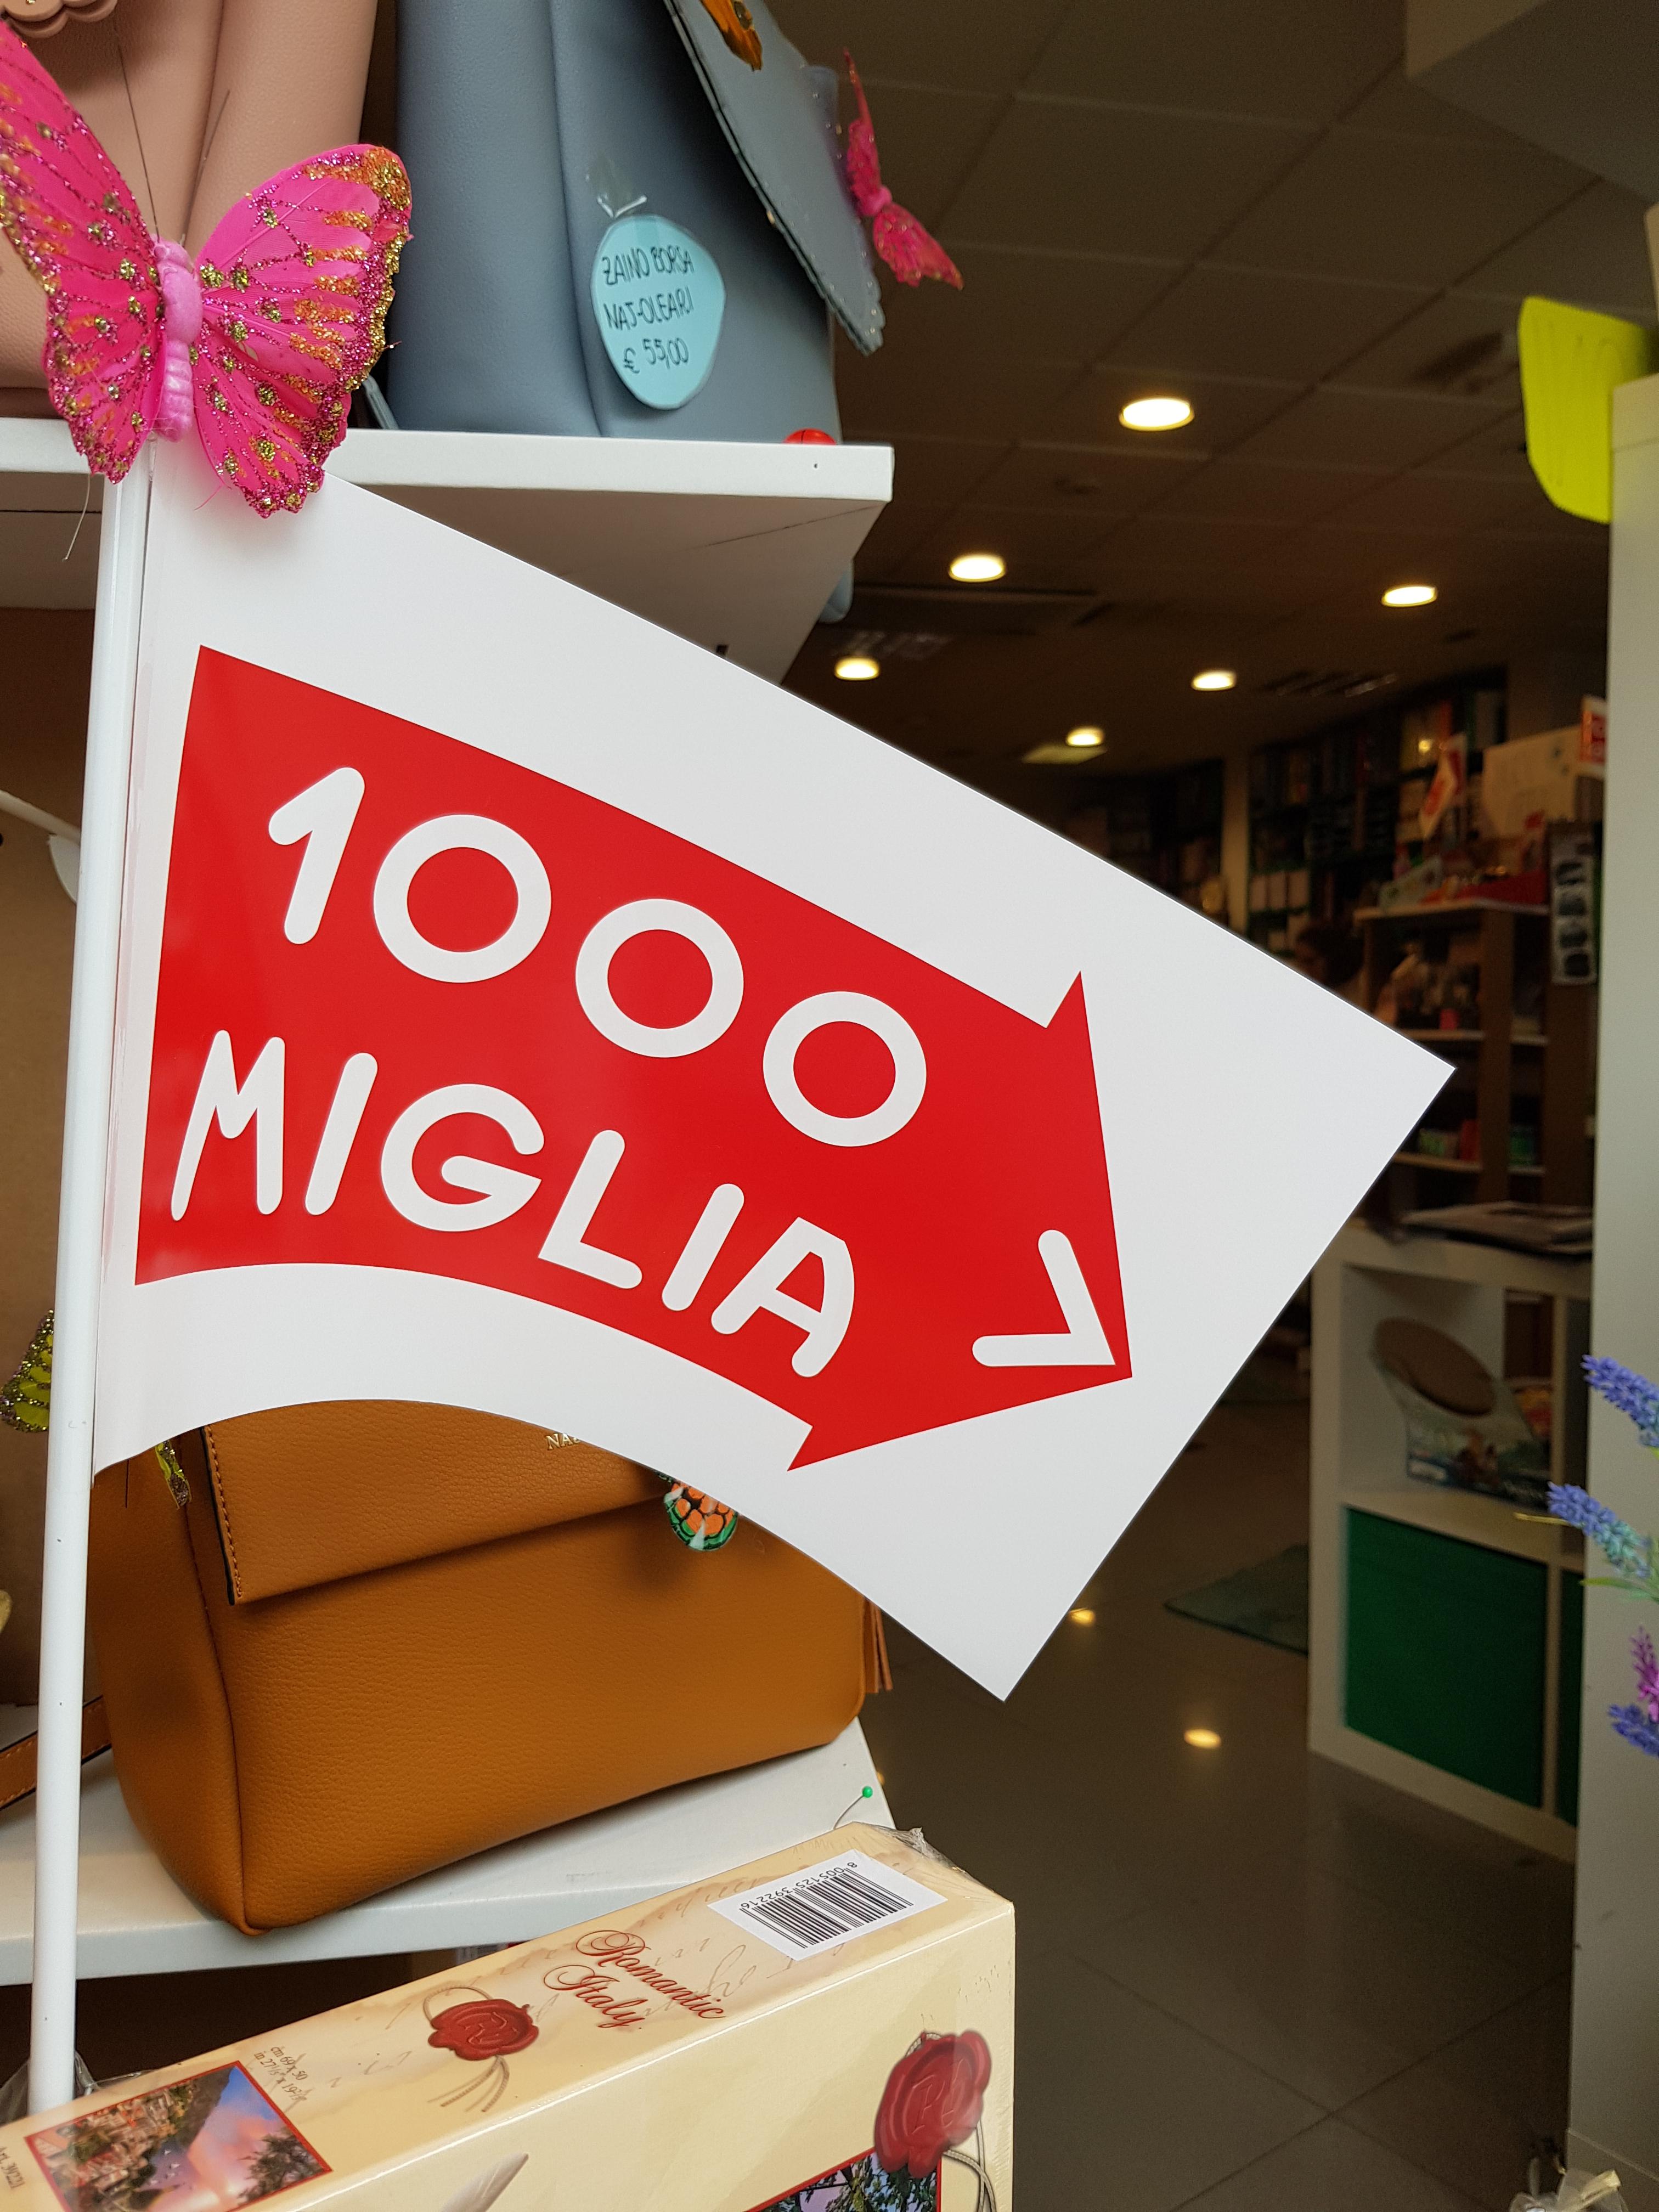 1000MIGLIA1